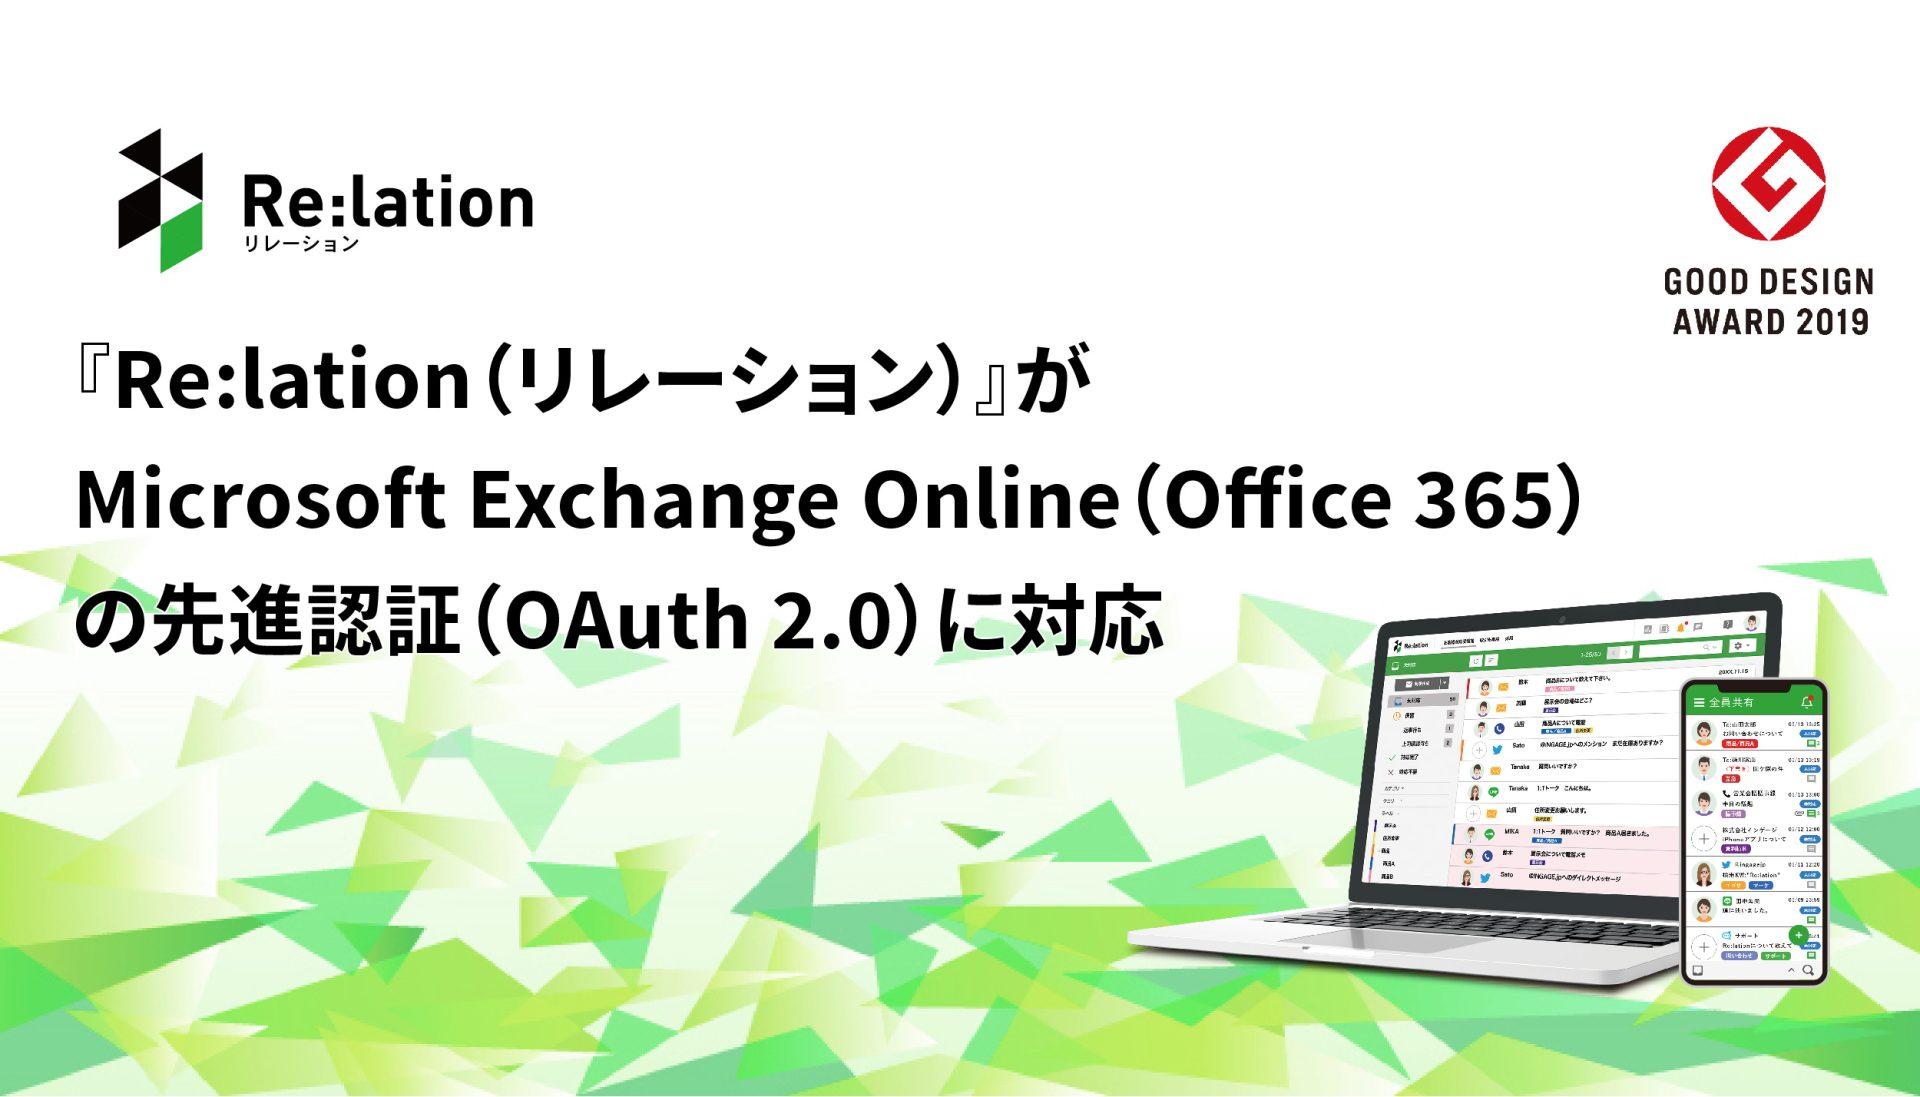 メール共有システム『Re:lation(リレーション)』がMicrosoft Exchange Online(Office 365)の先進認証(OAuth 2.0)に対応